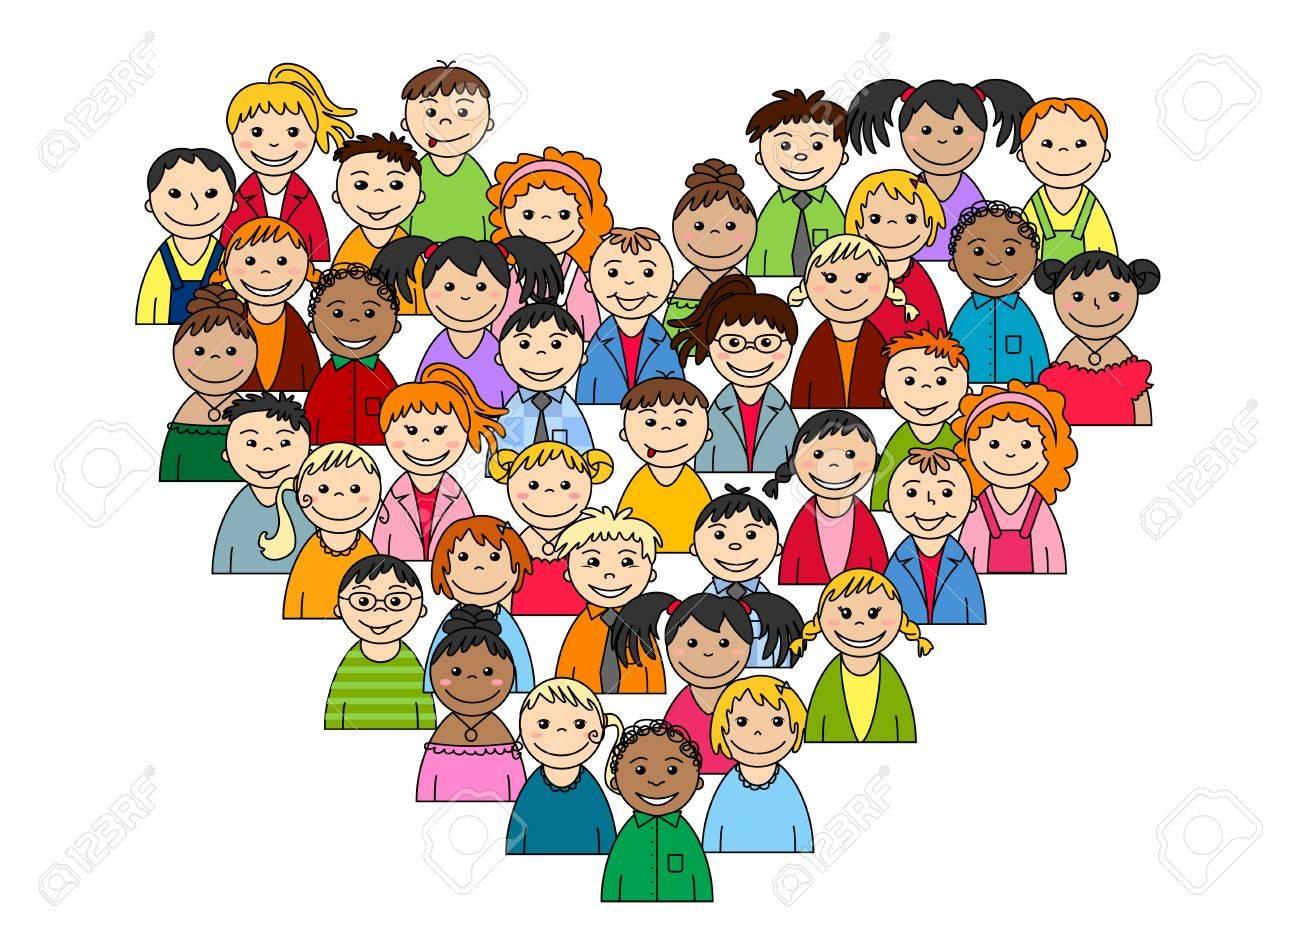 Del Corazon De Los Ninos Y Adolescentes Para El Amor O El Concepto De La Amistad Ilustraciones Vectoriales Clip Art Vectorizado Libre De Derechos Image 21770295